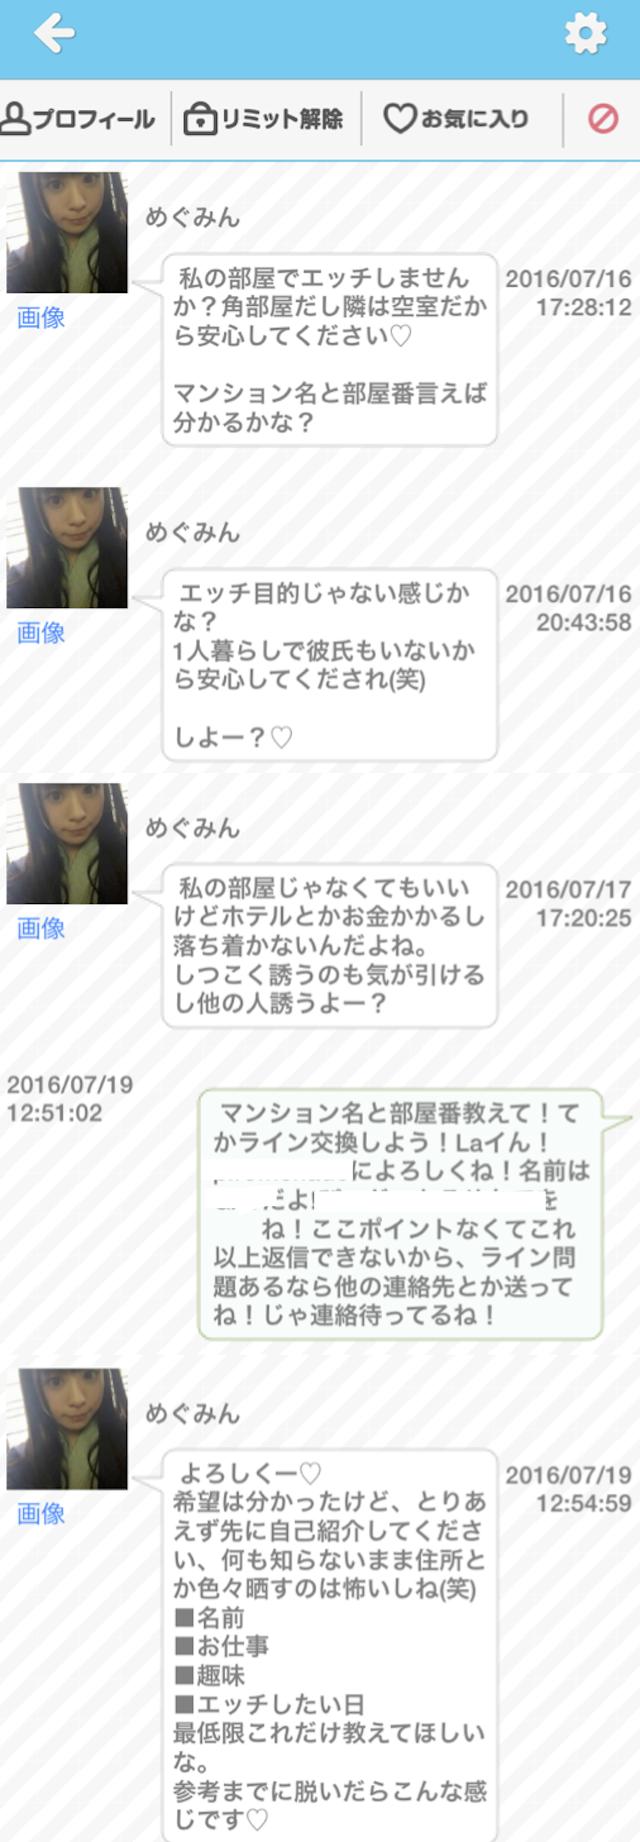 トークスタジオ_アプリ5